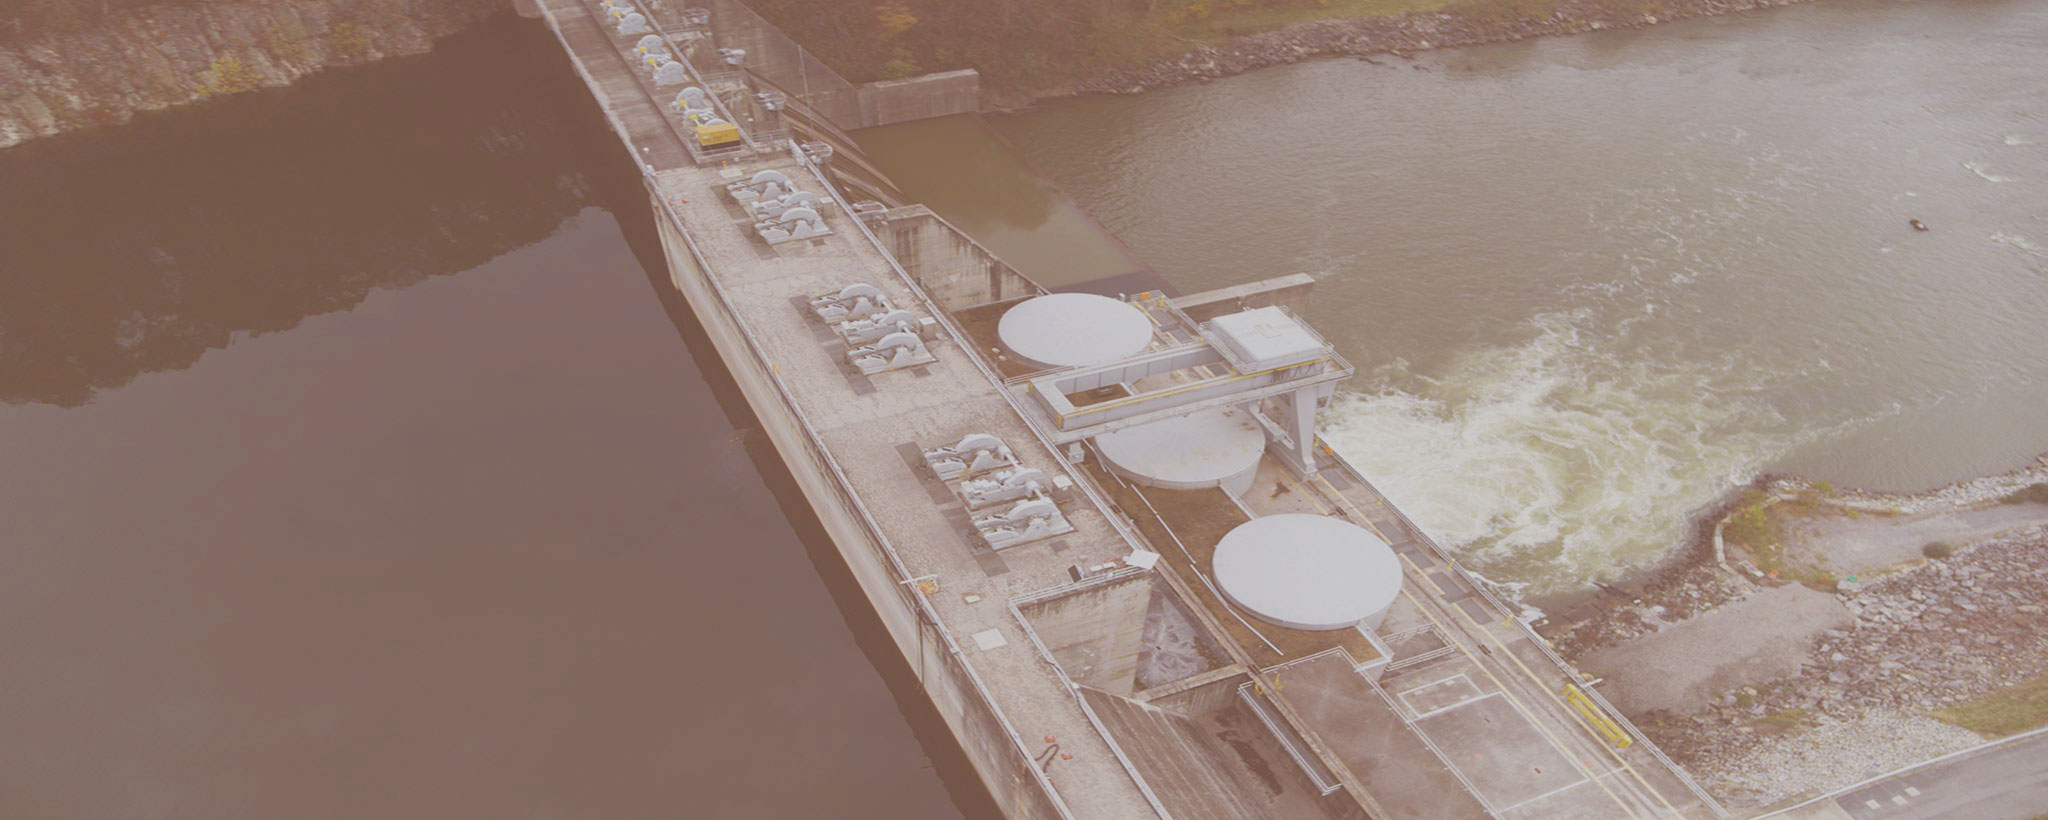 Boone Dam drone AERIAL